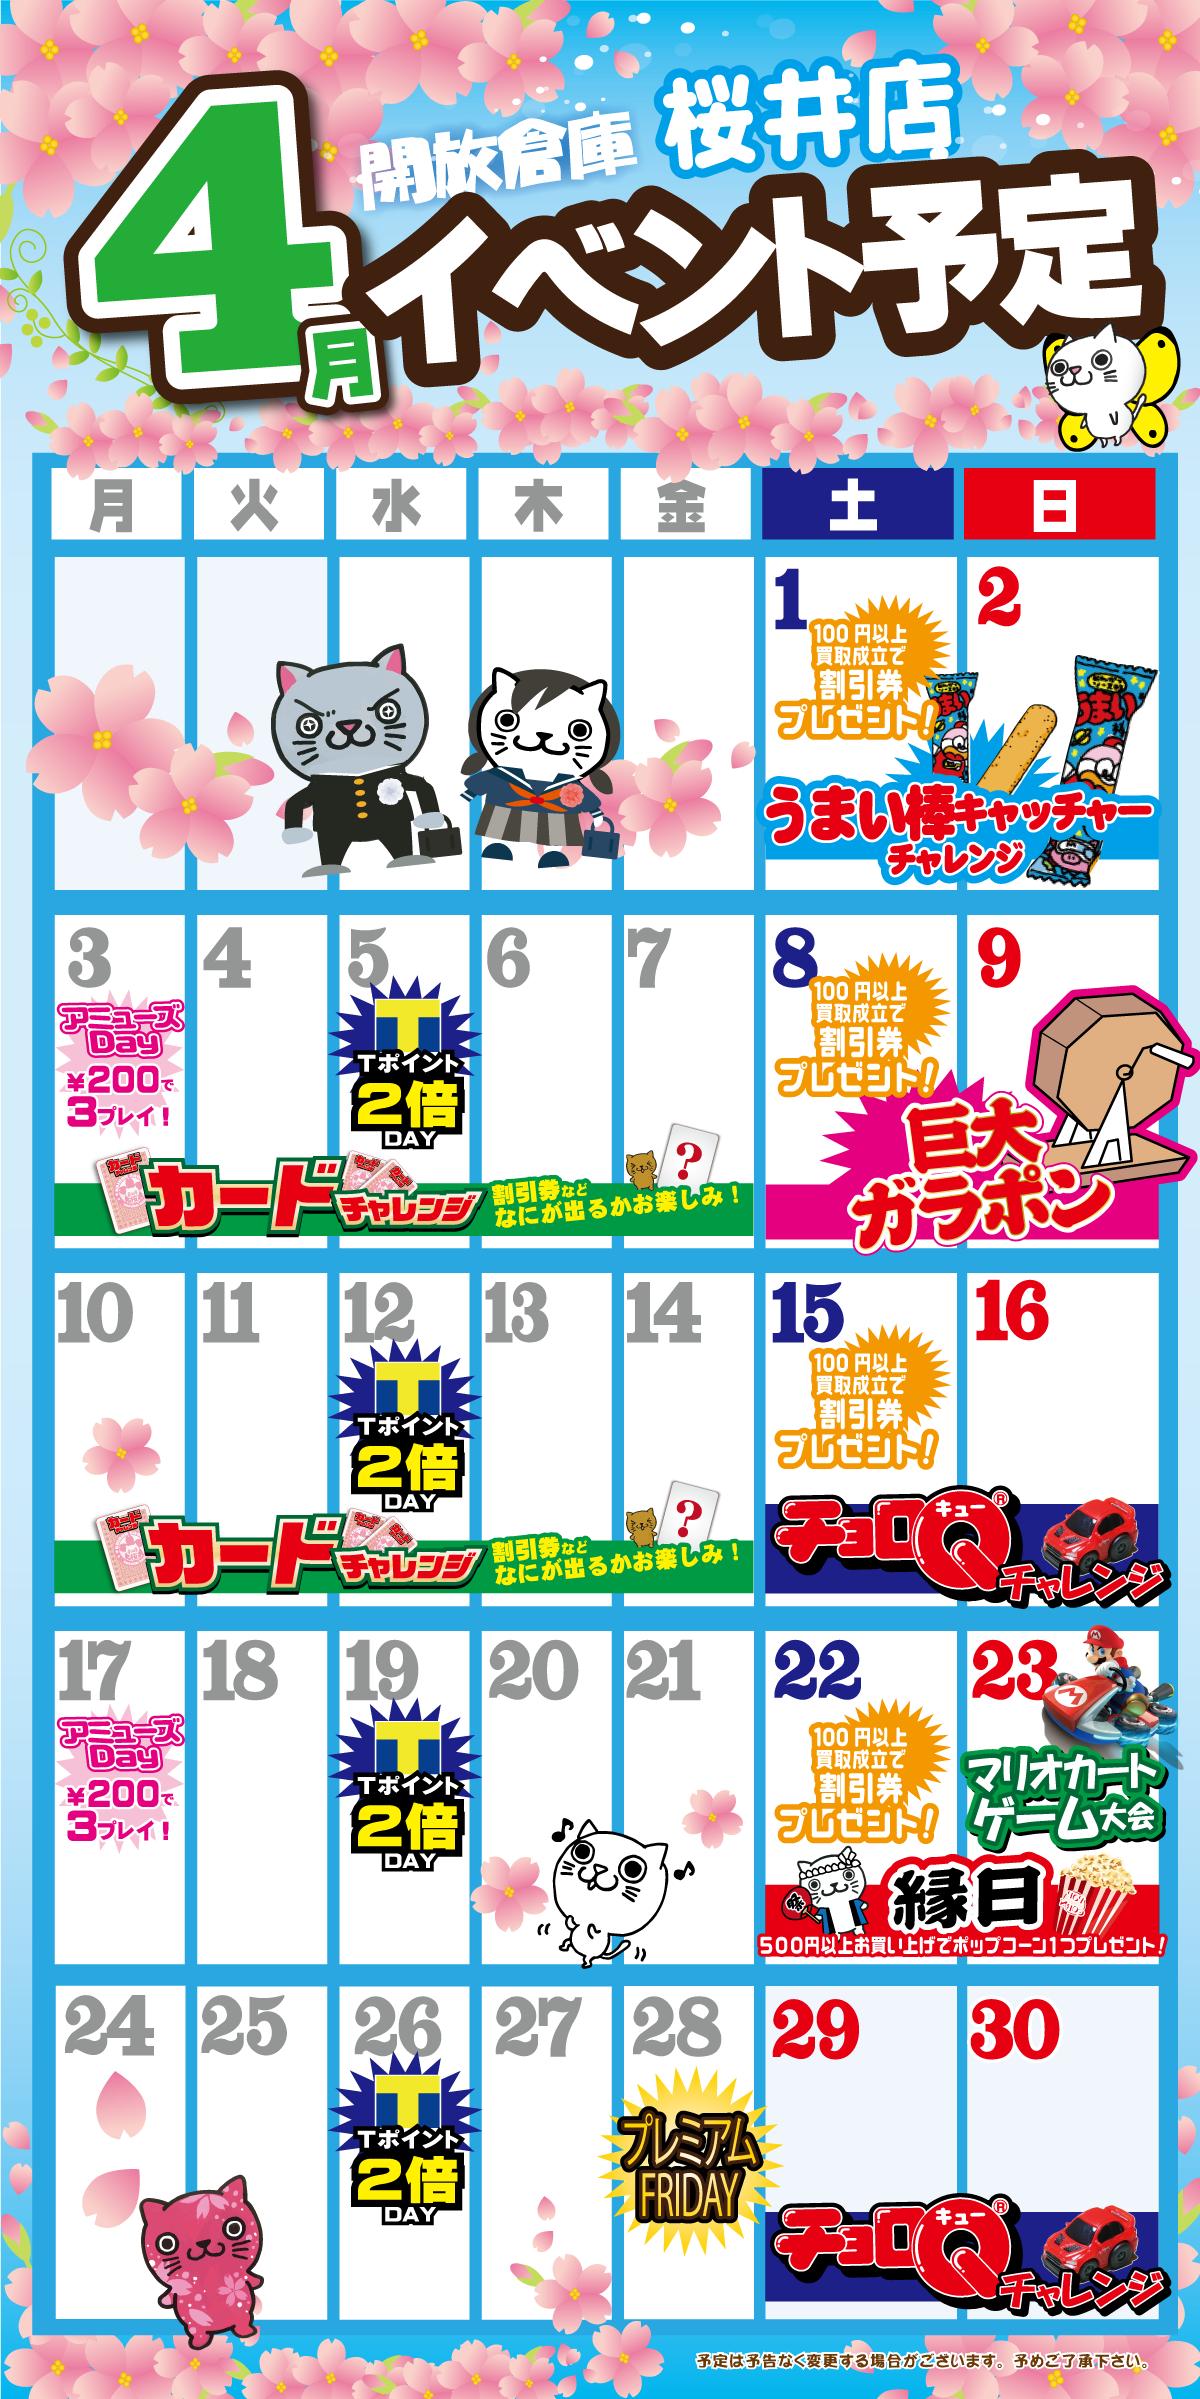 「開放倉庫桜井店」2017年4月のイベントカレンダー更新しました!